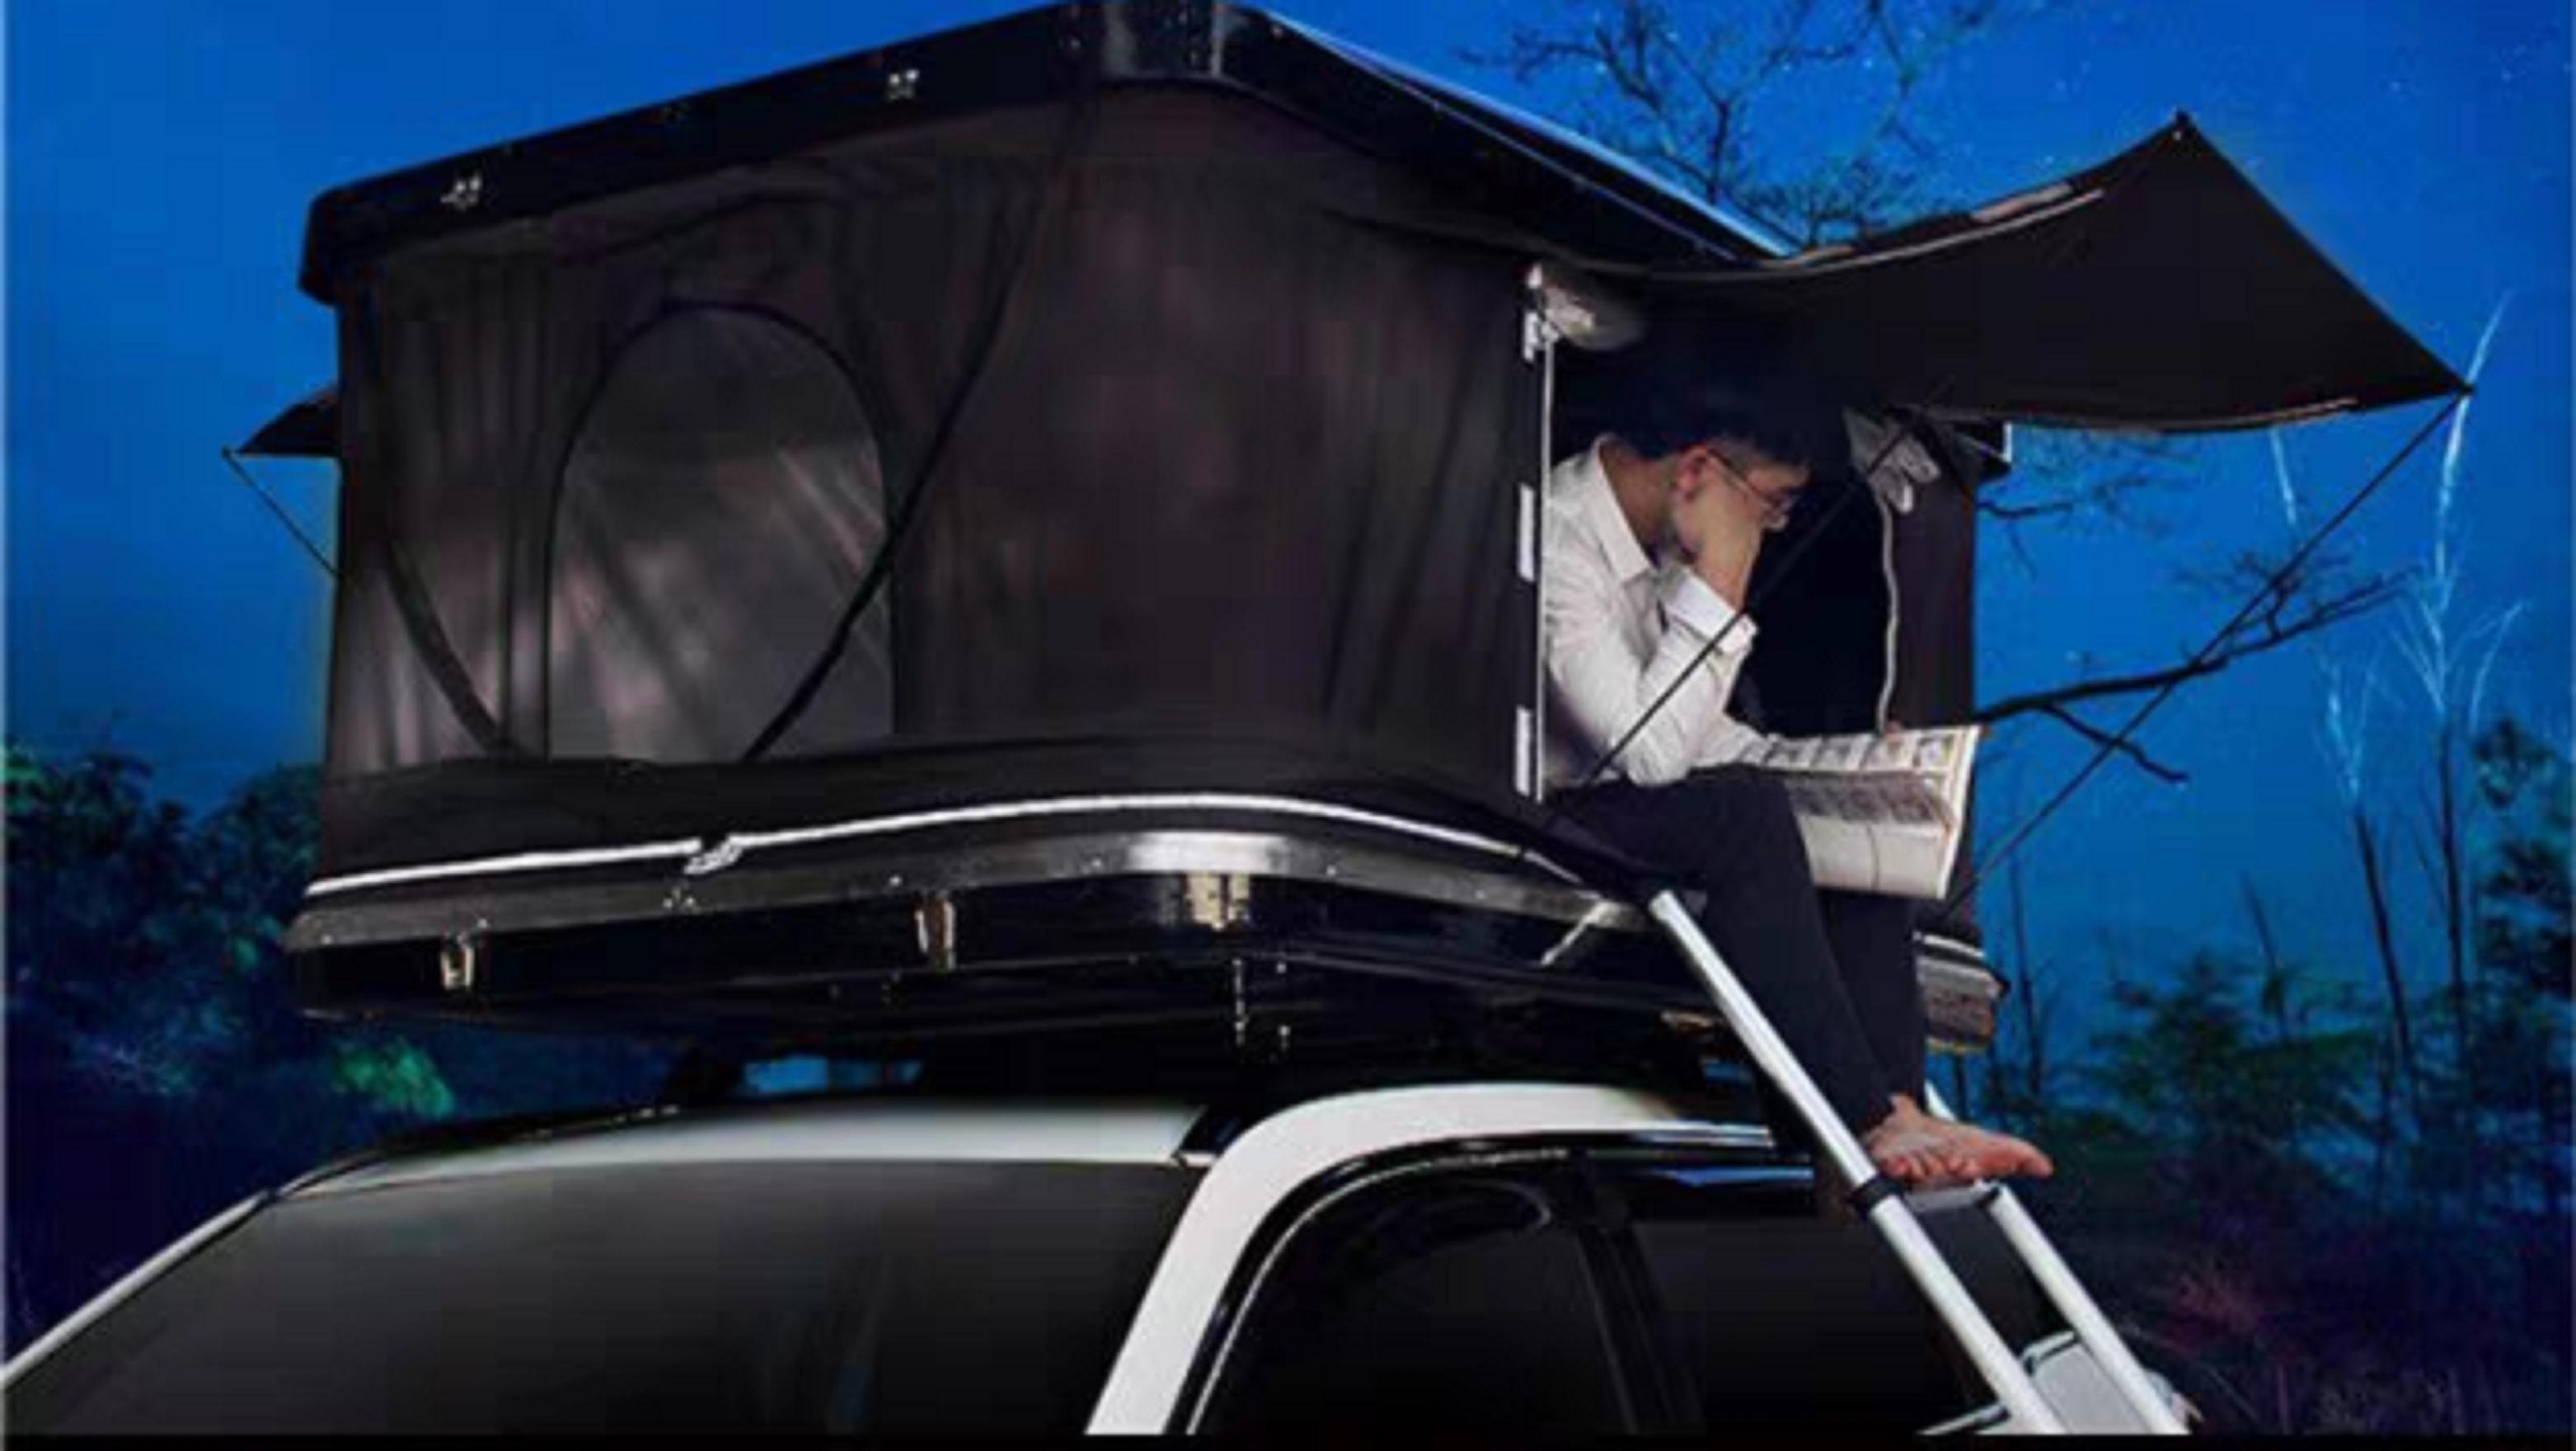 Compre Otejm Outdoor Equipamentos De Viagem Abs Hard Top Camping Car Truck Suv Van Roof Top Tent De Otejm 4 742 63 Pt Dhgate Com